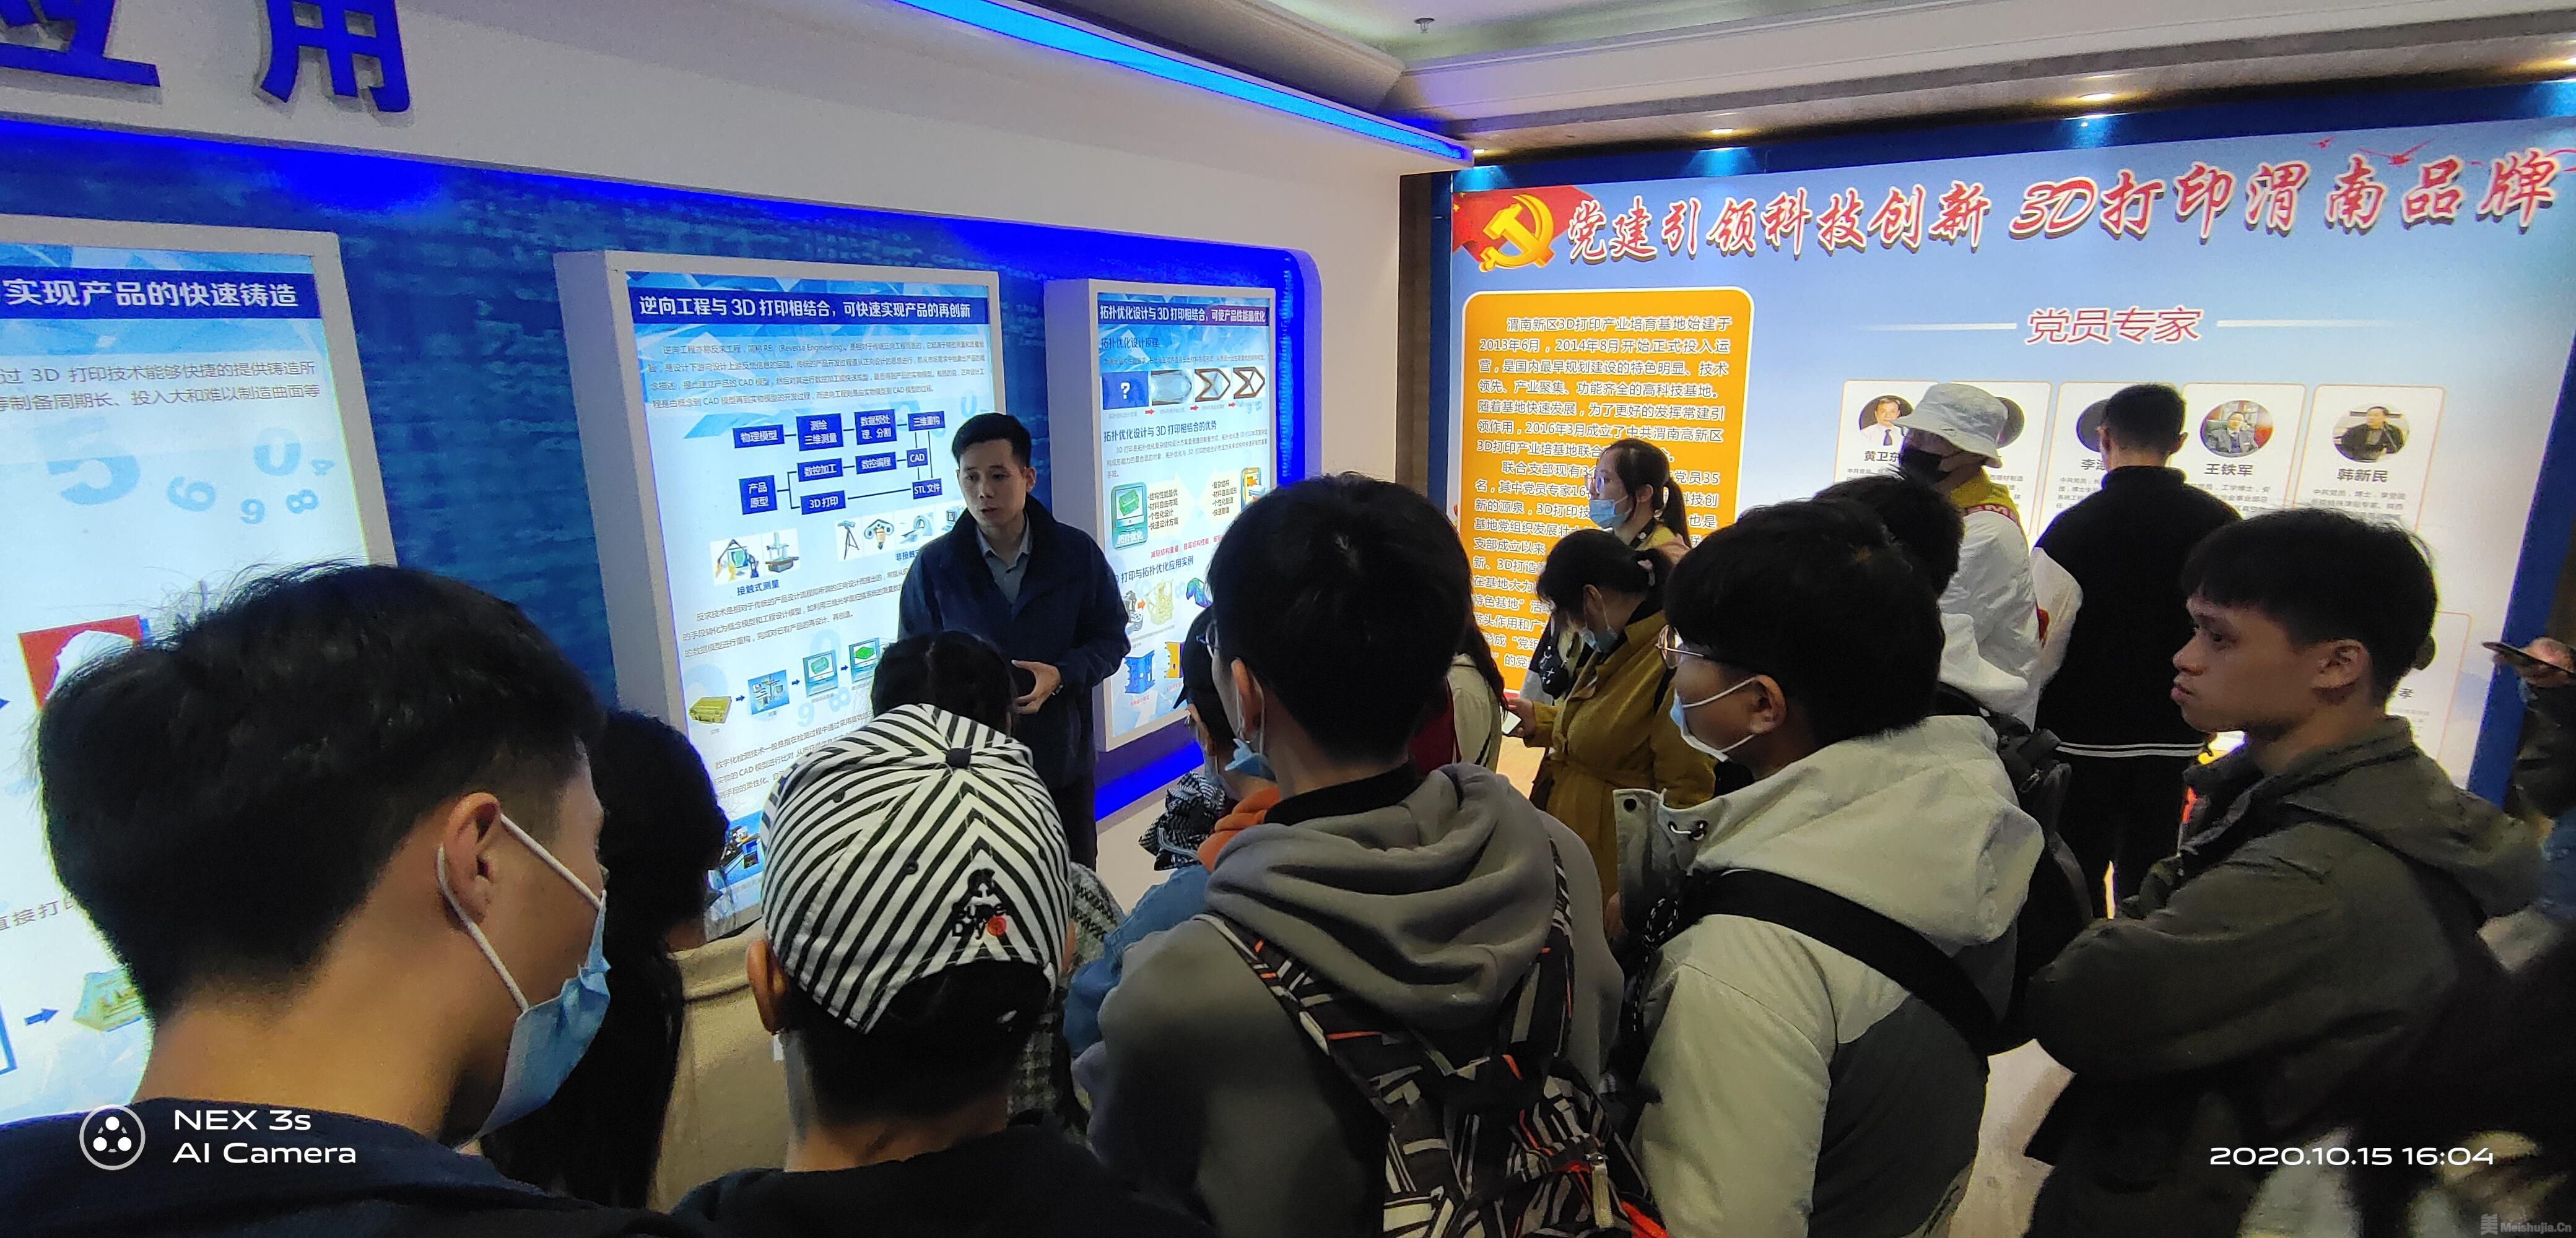 西安翻譯學院產品設計和數字媒體藝術專業 渭南藝術考察